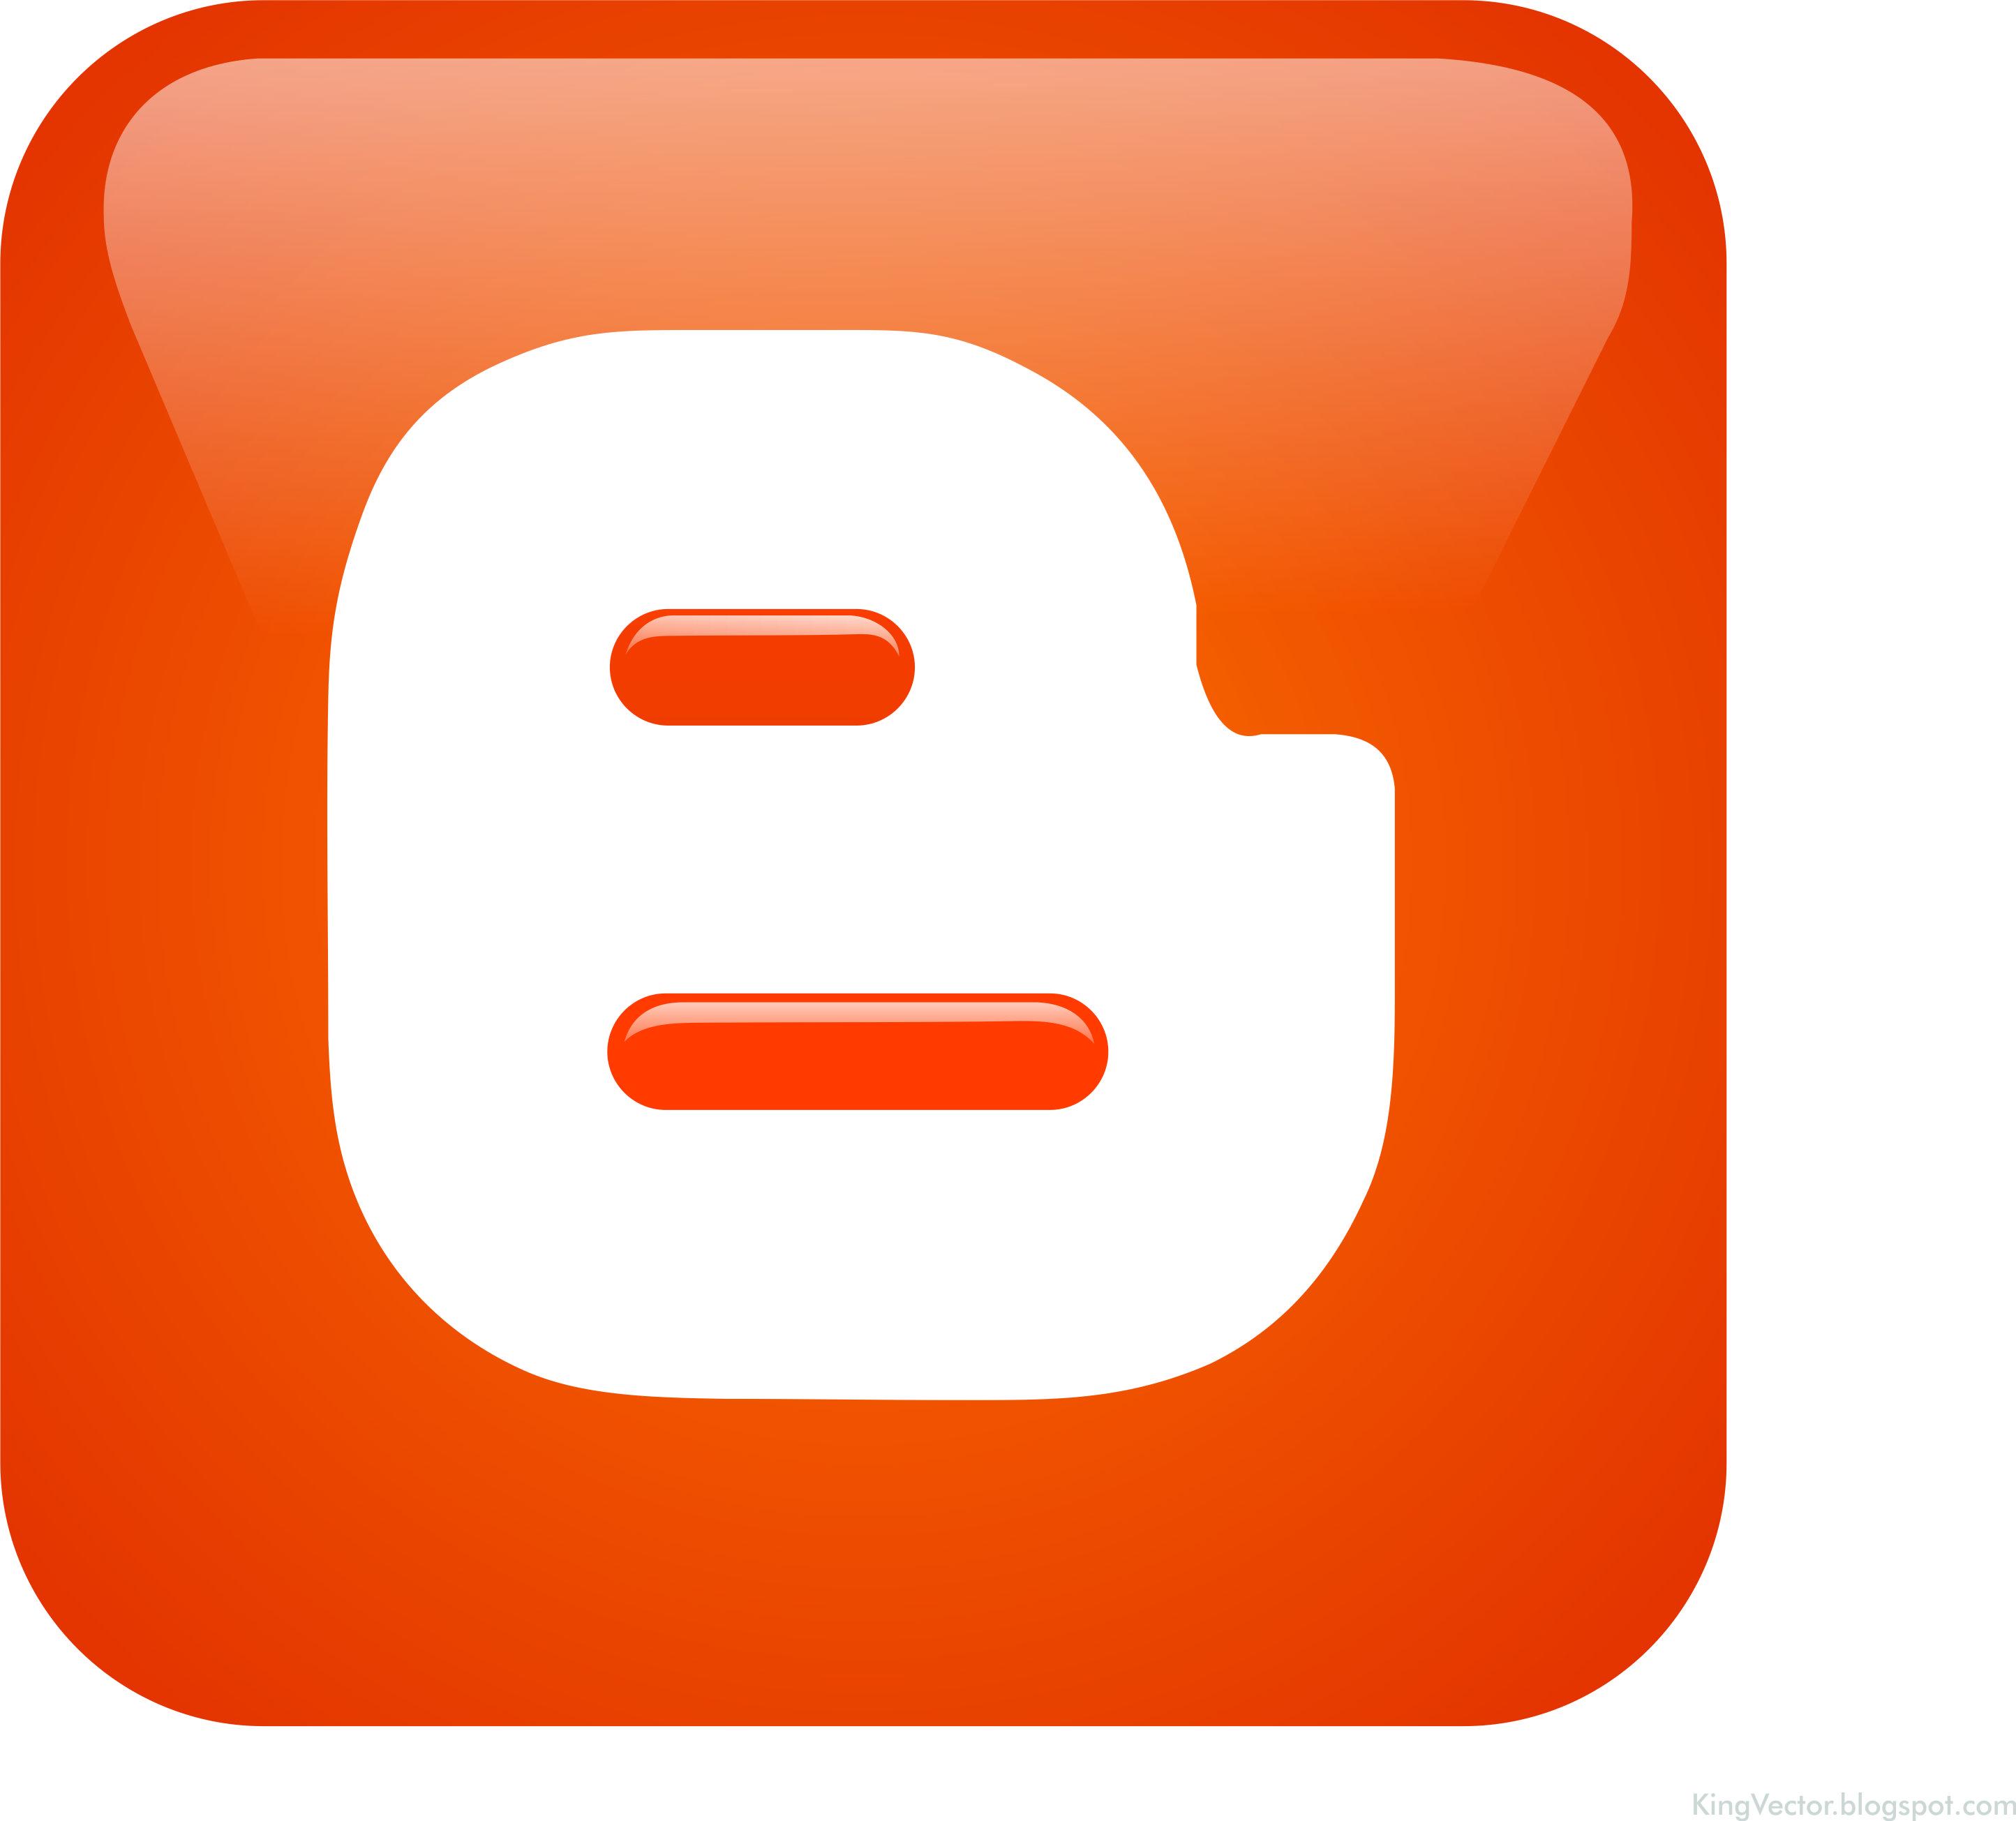 Blog: Blog Logos